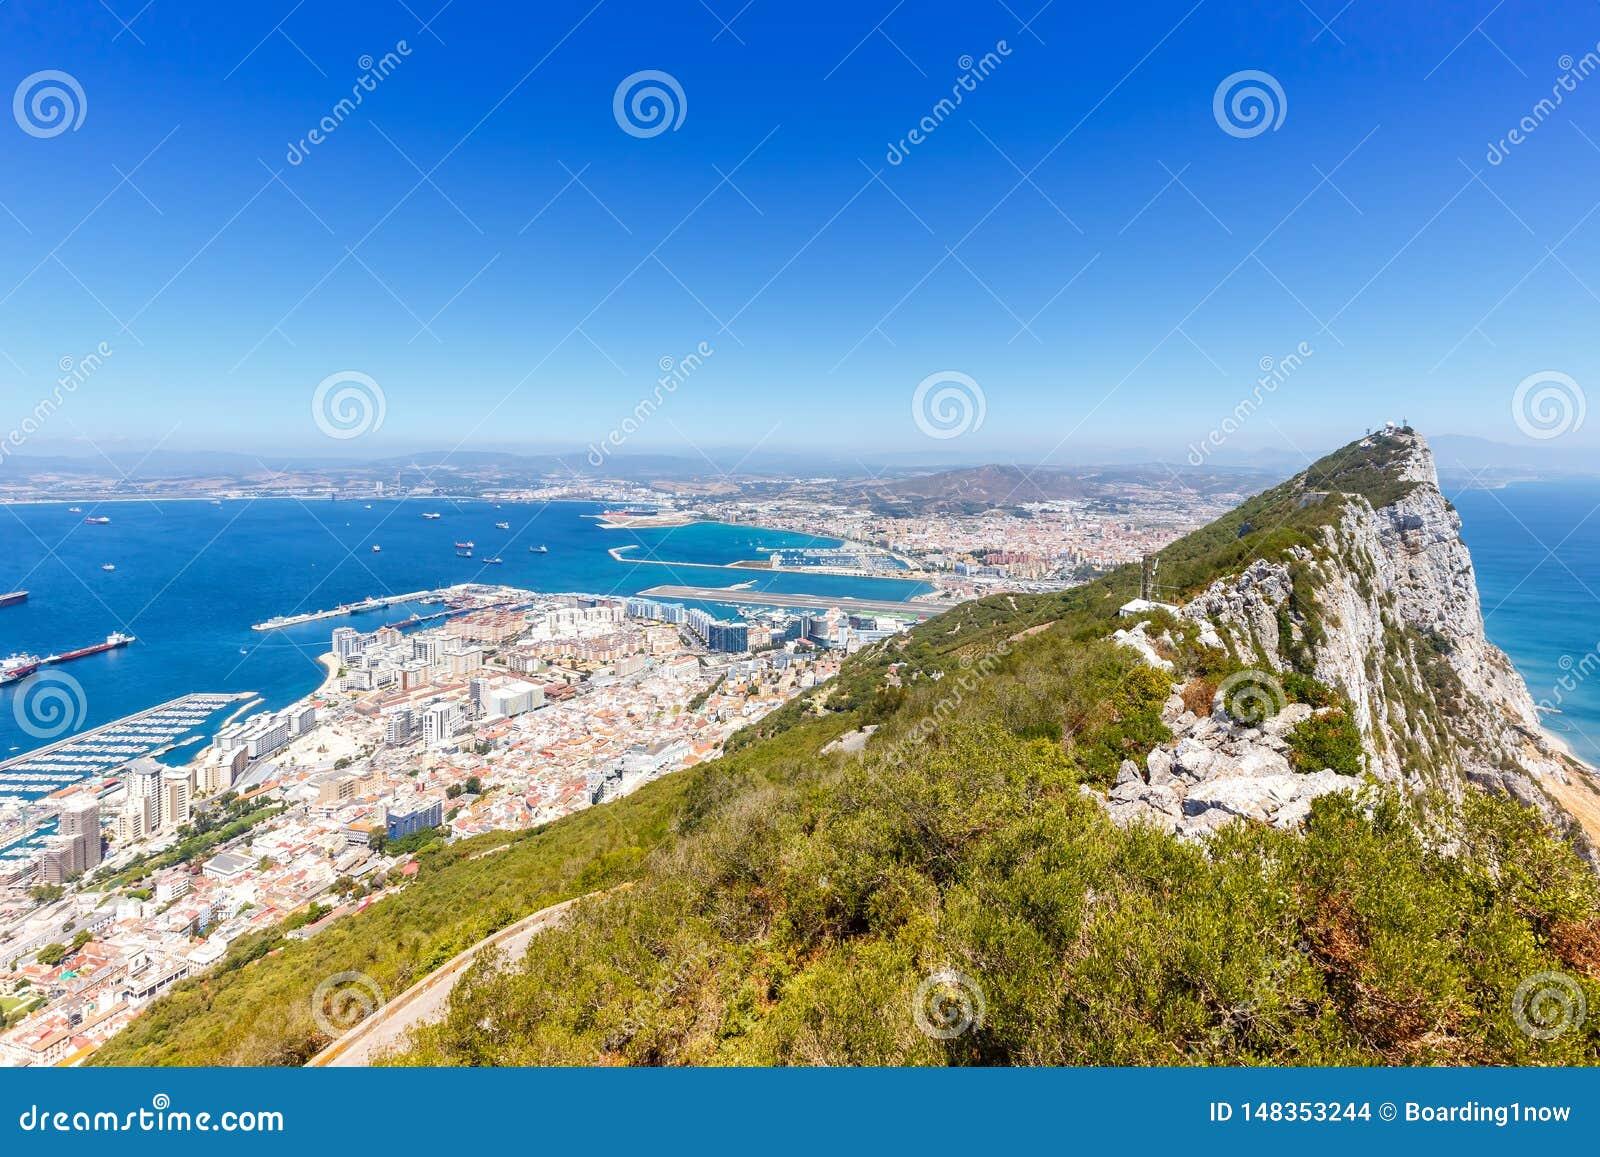 Γιβραλτάρ η διαστημική πόλης επισκόπηση ταξιδιού Μεσογείων τοπίων αντιγράφων βράχου copyspace